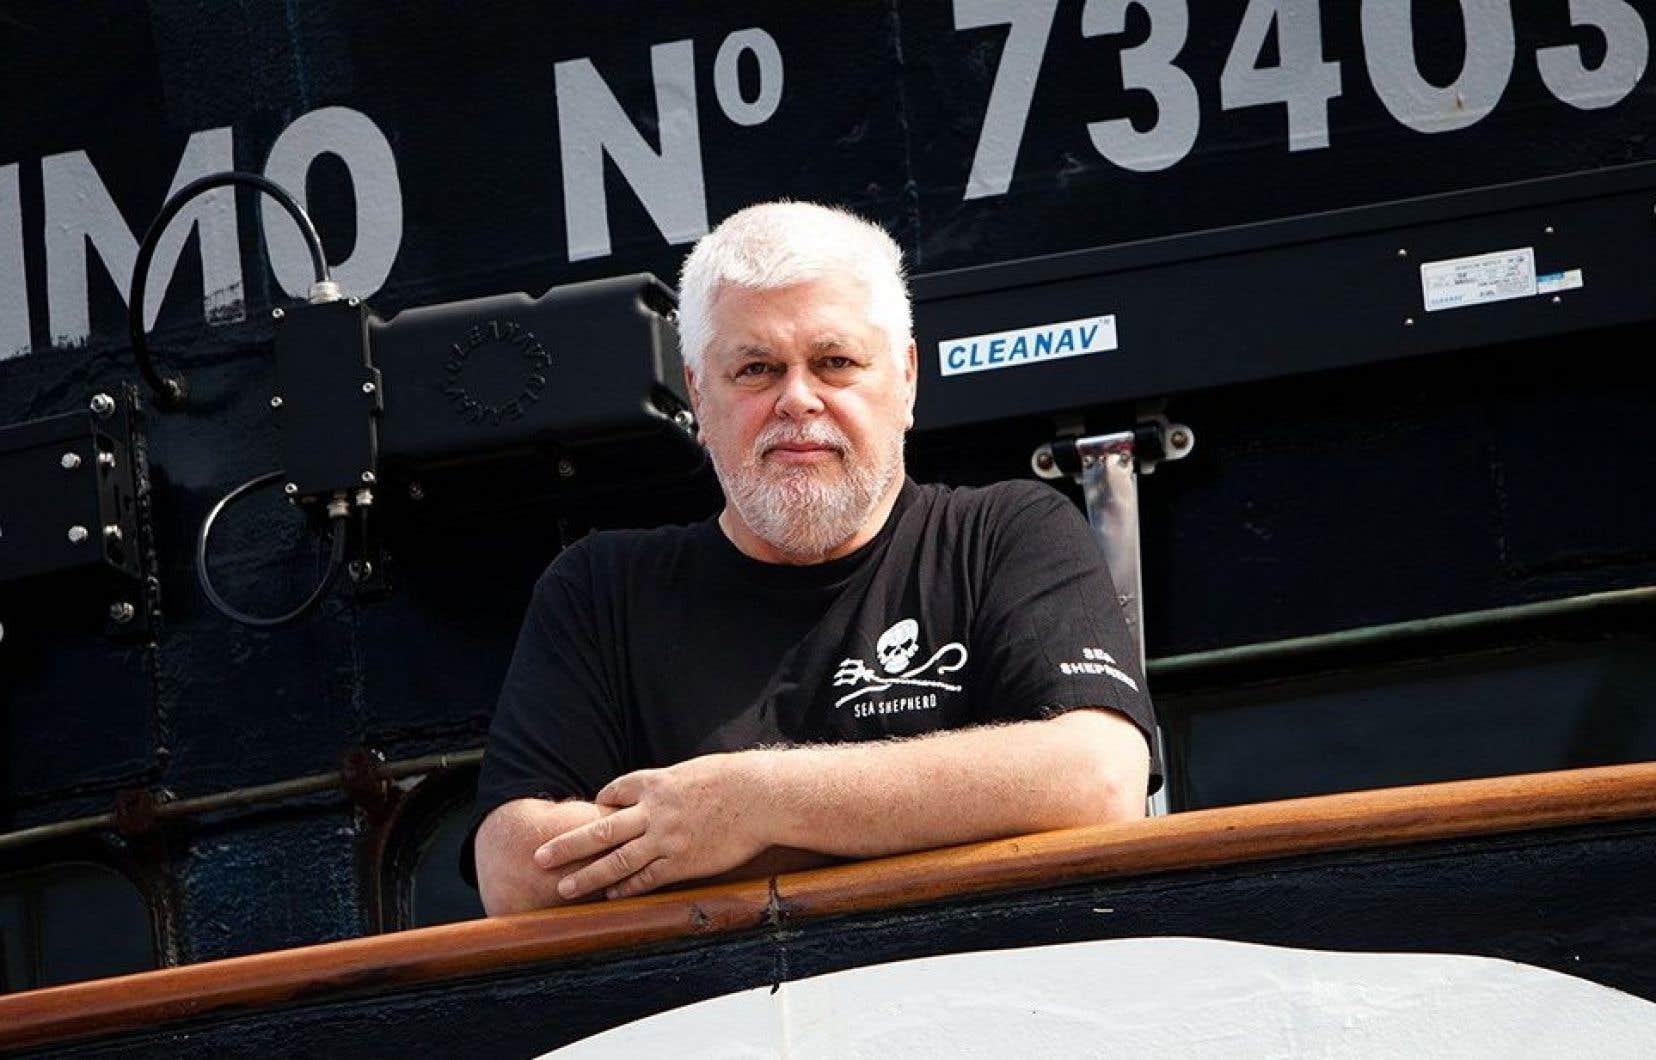 Les militants de l'organisation Sea Shepherd, dont Paul Watson, tenteront au cours des prochaines semaines d'empêcher le Japon de tuer des baleines autour de l'Antarctique.